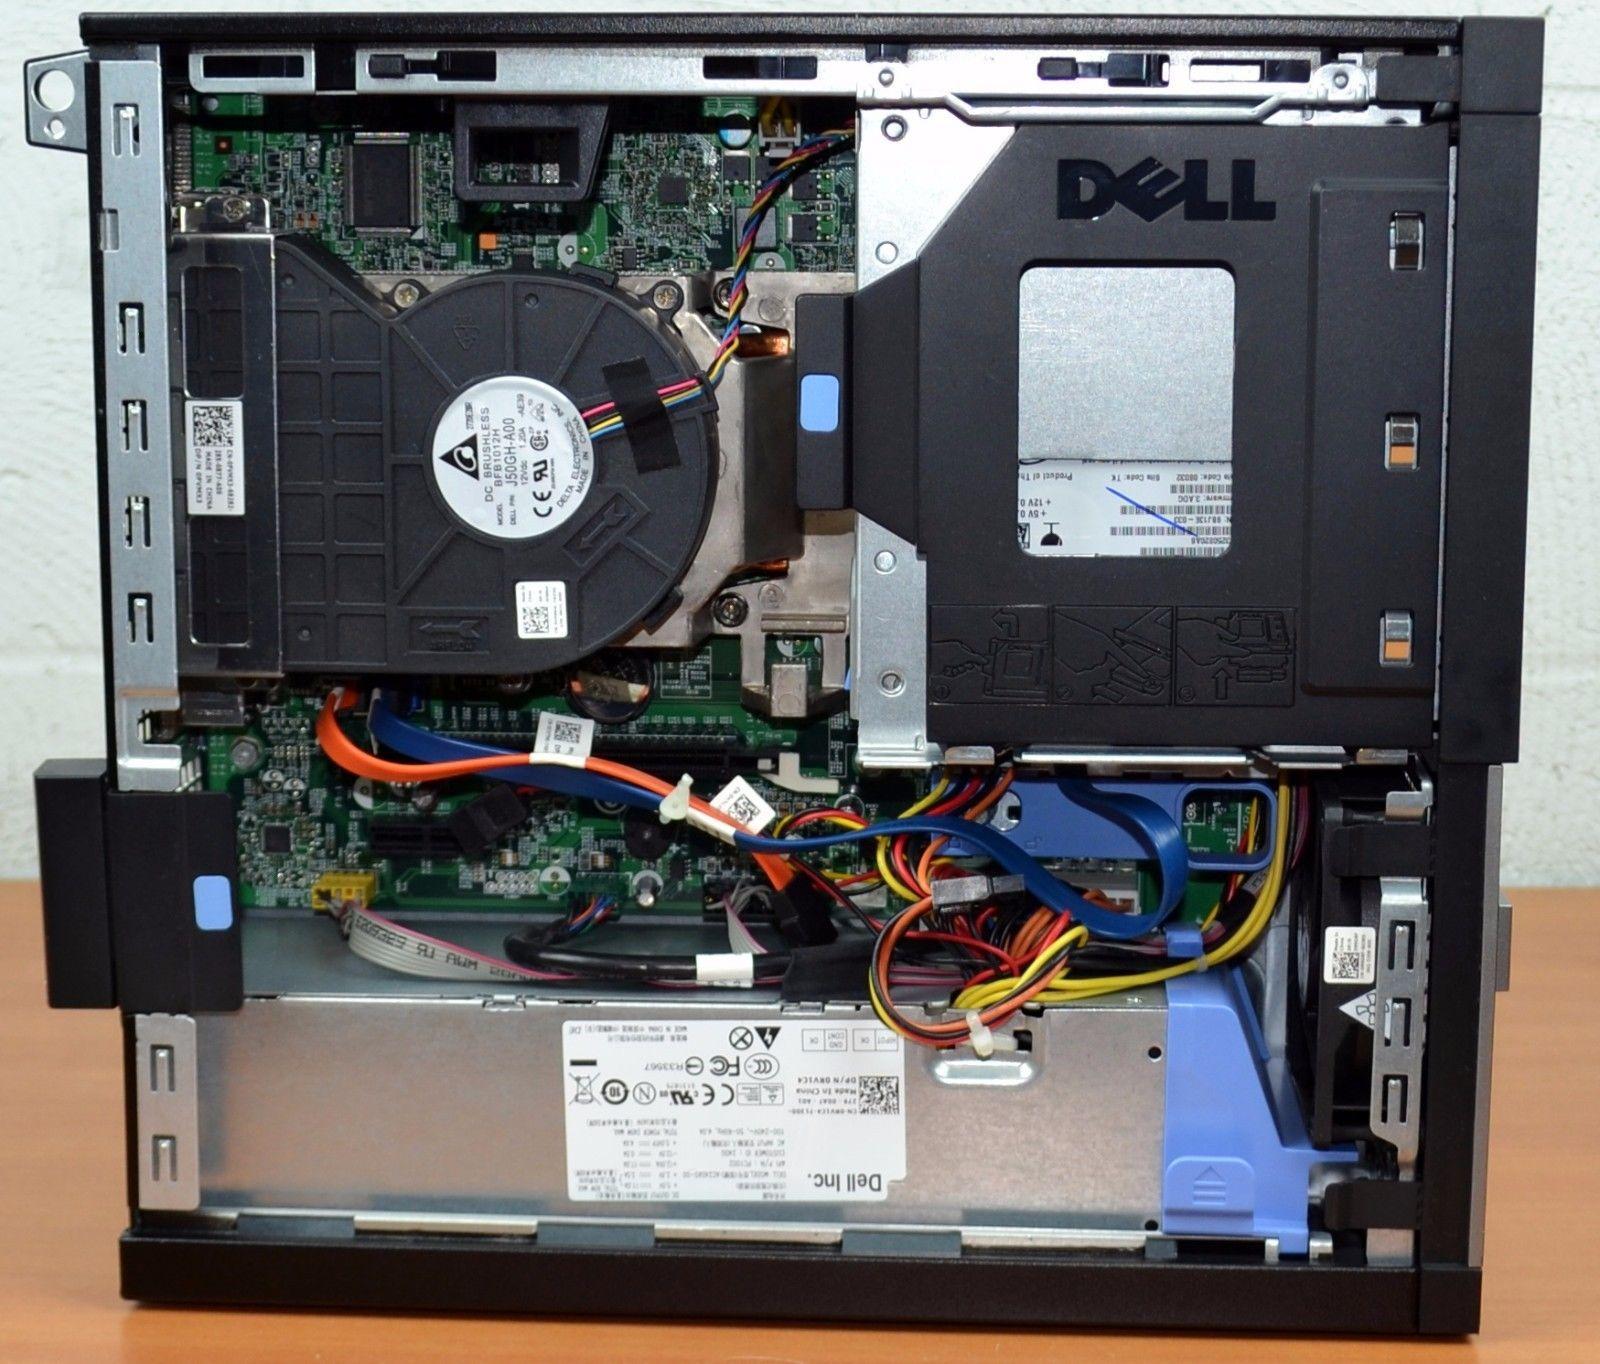 dell-optiplex-390-sff-core-i3-2120-3-30ghz-2gb-ram-250gb-hdd-hdmi-linux-mint-45842f96c8df1deefd8004632acb0b8f.jpg